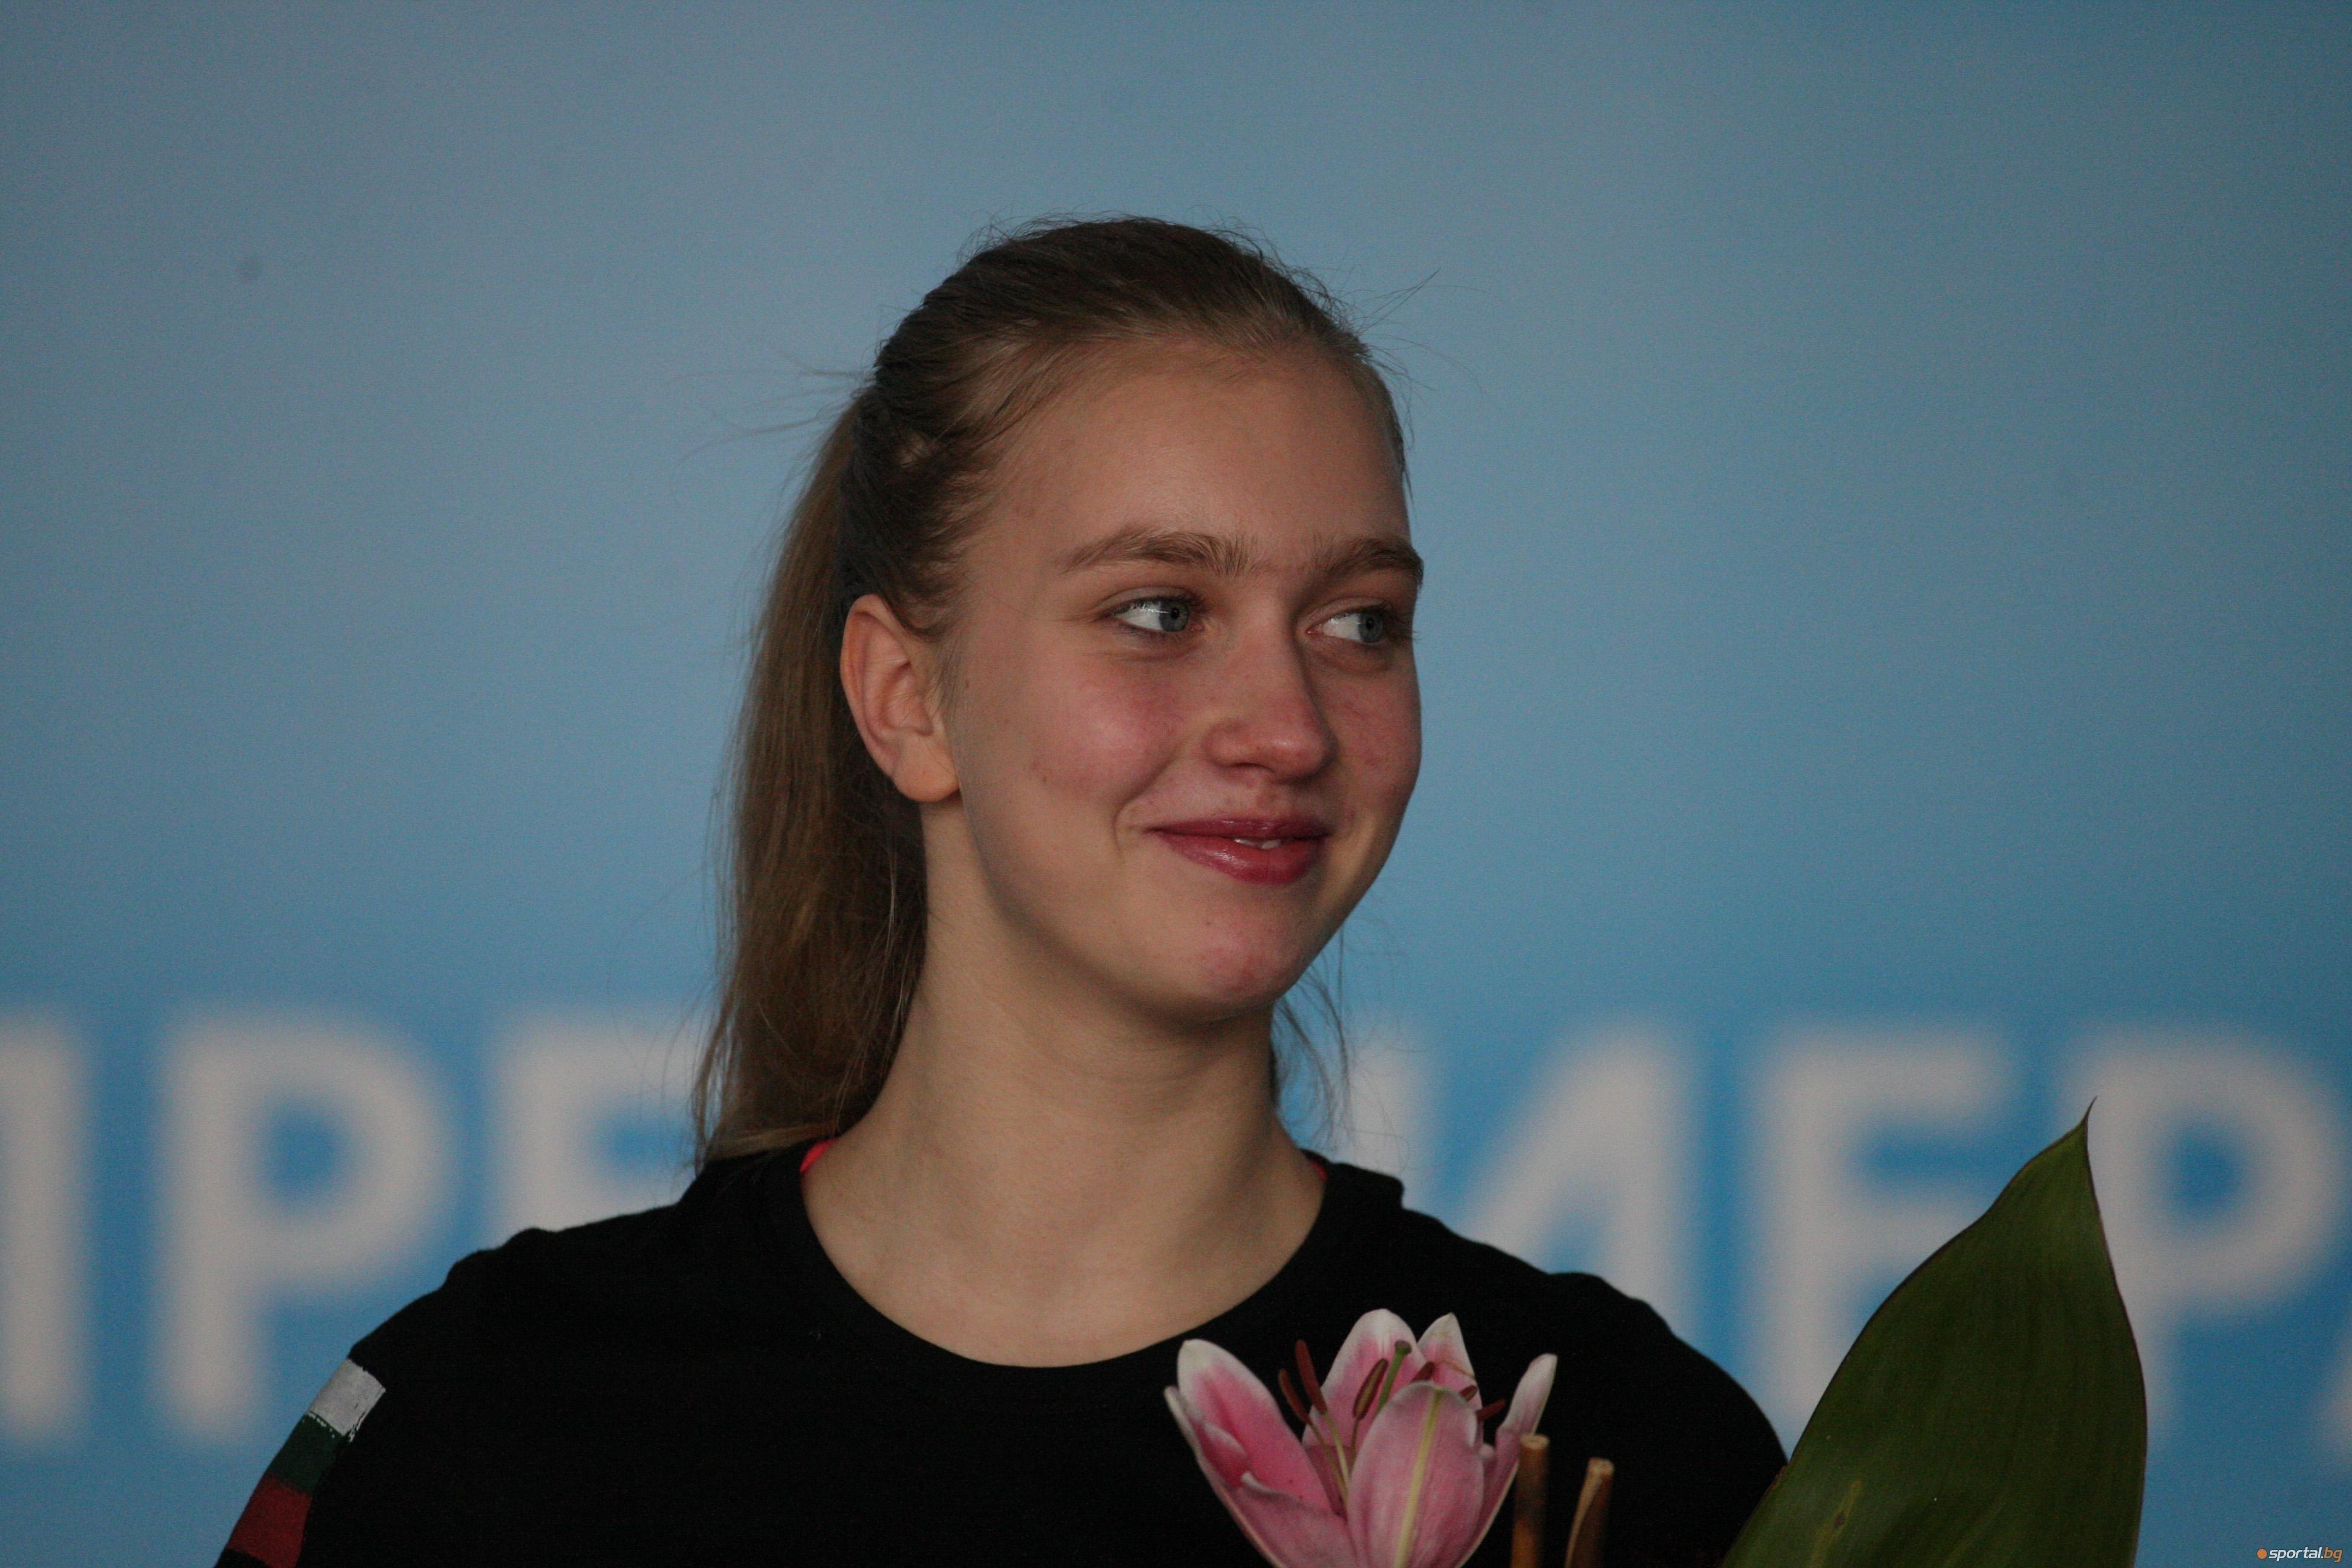 Най-добрата българска състезателка Александра Фейгин заема 28-о място в световната